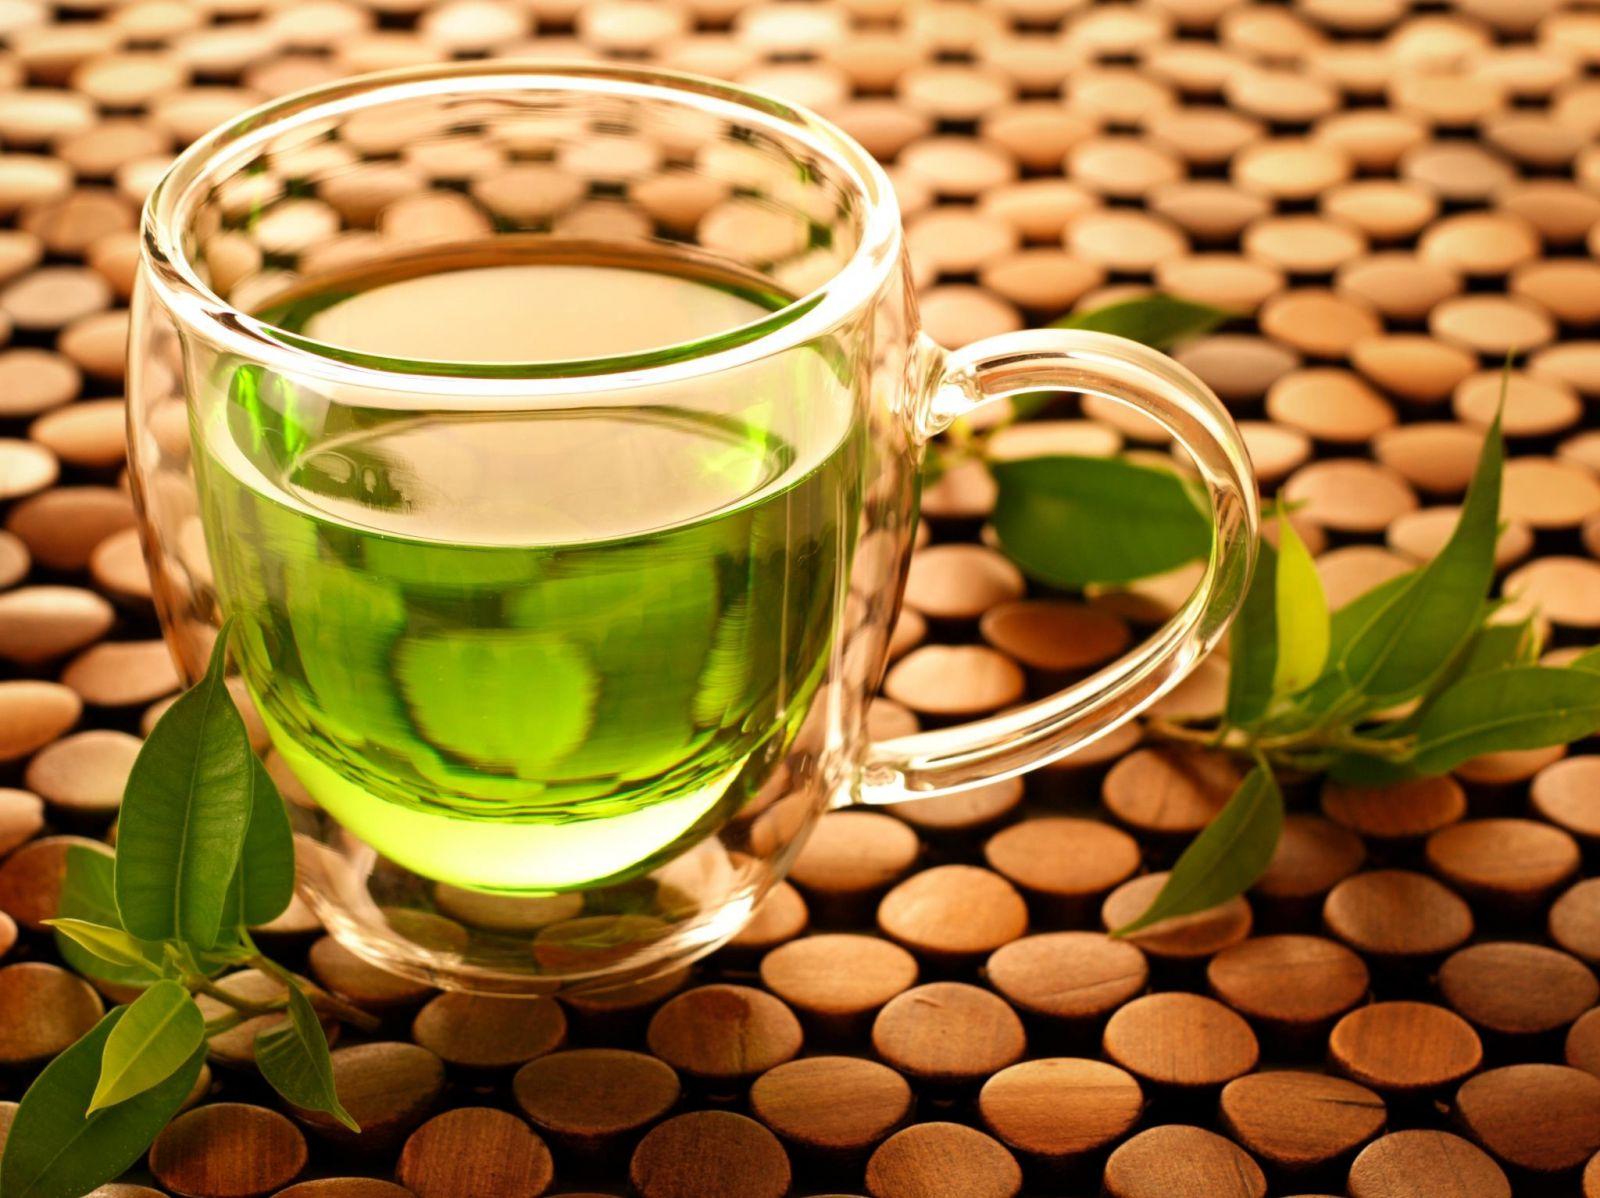 Можно пить зелёный чай при беременности